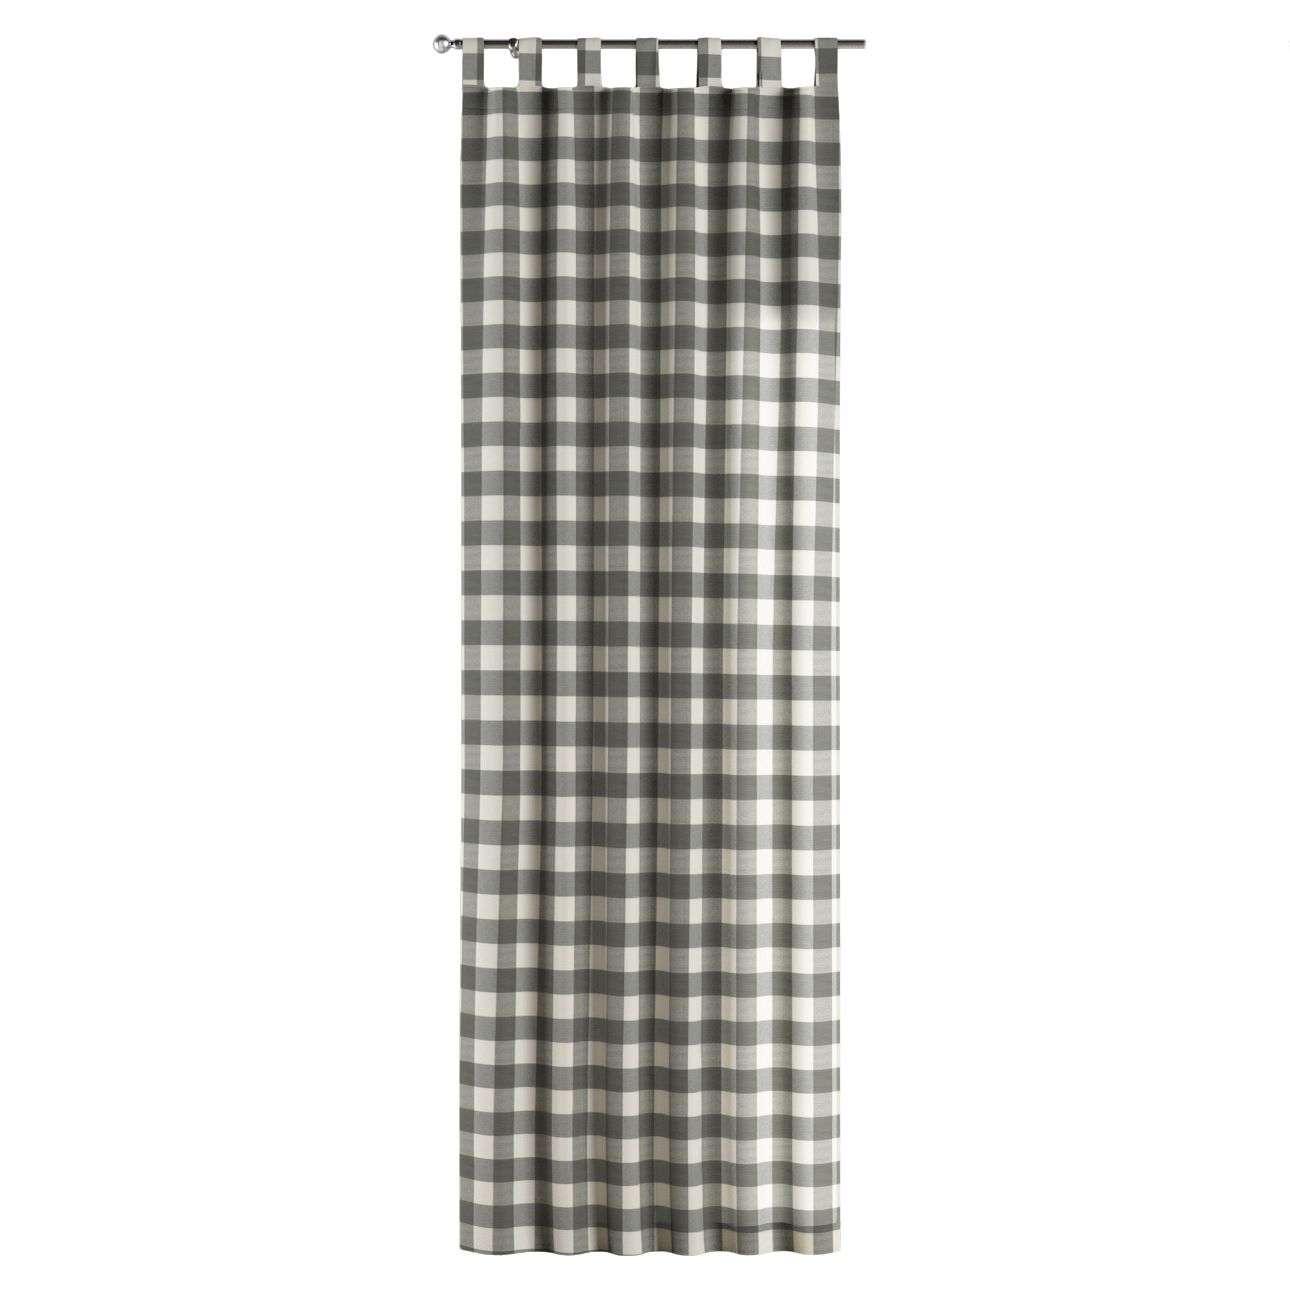 Závěs na poutka 130 x 260 cm v kolekci Quadro, látka: 136-13